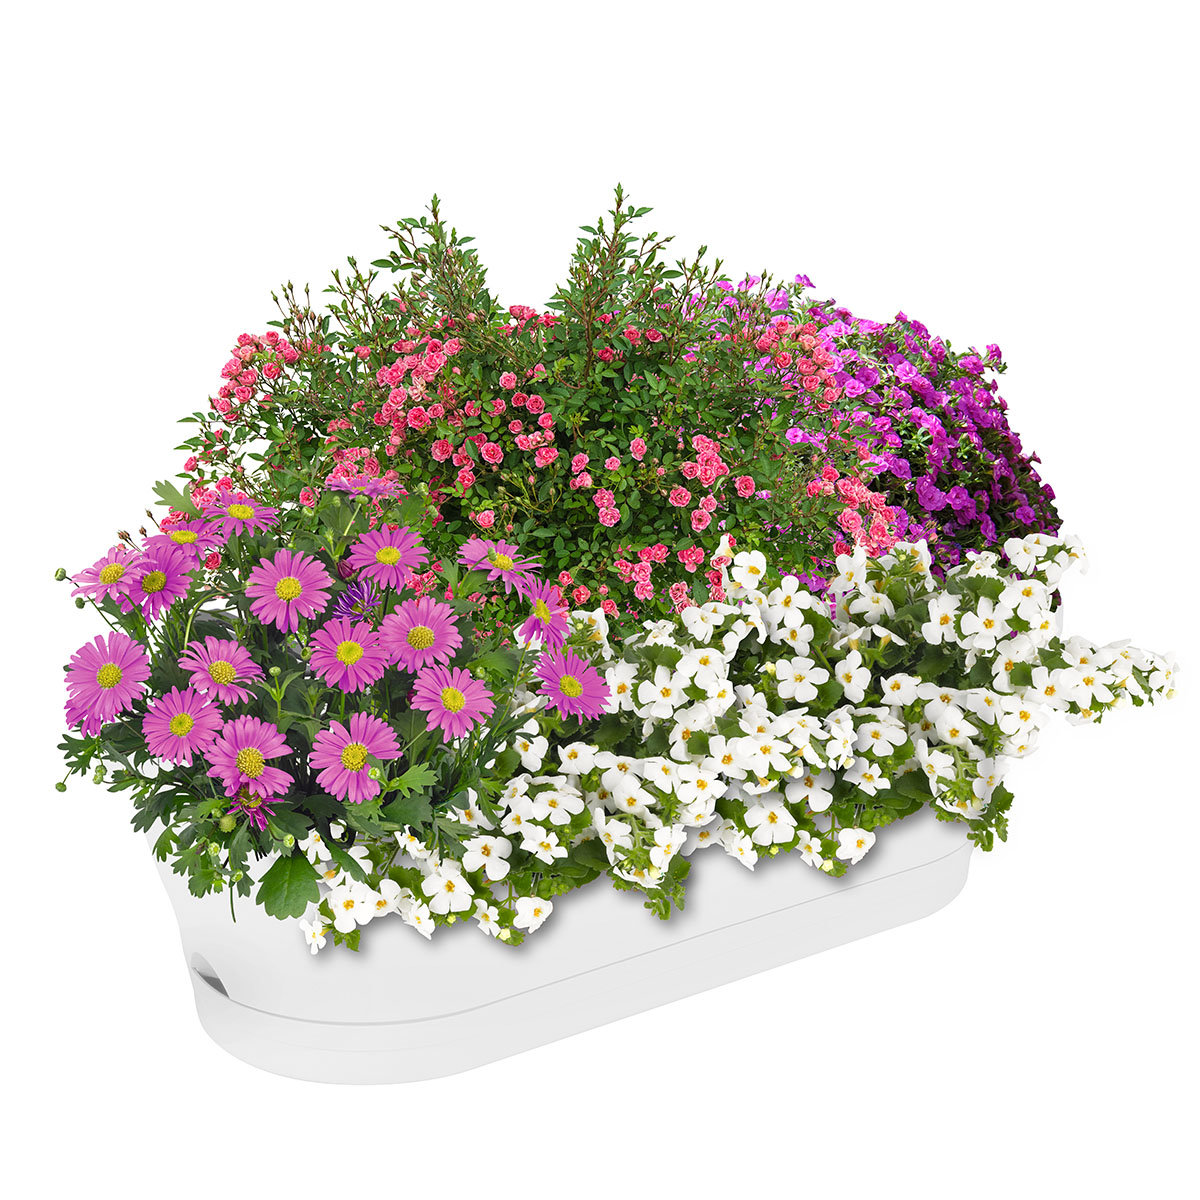 Sommerblumen-Set Prinzessin Lilly, im ca. 11/12 cm-Topf